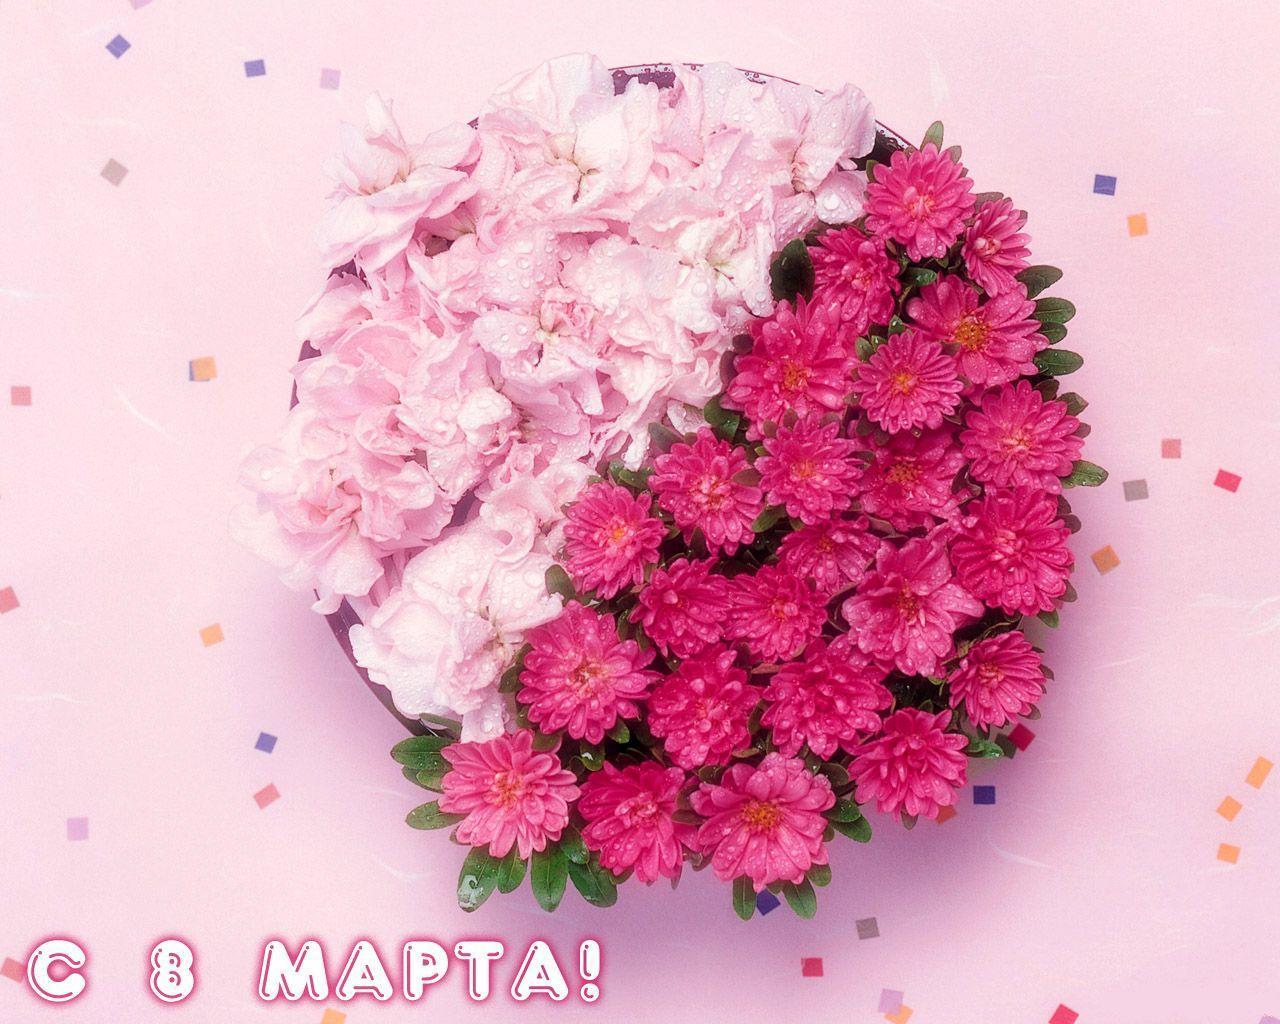 Çiçek tanzimleri-2